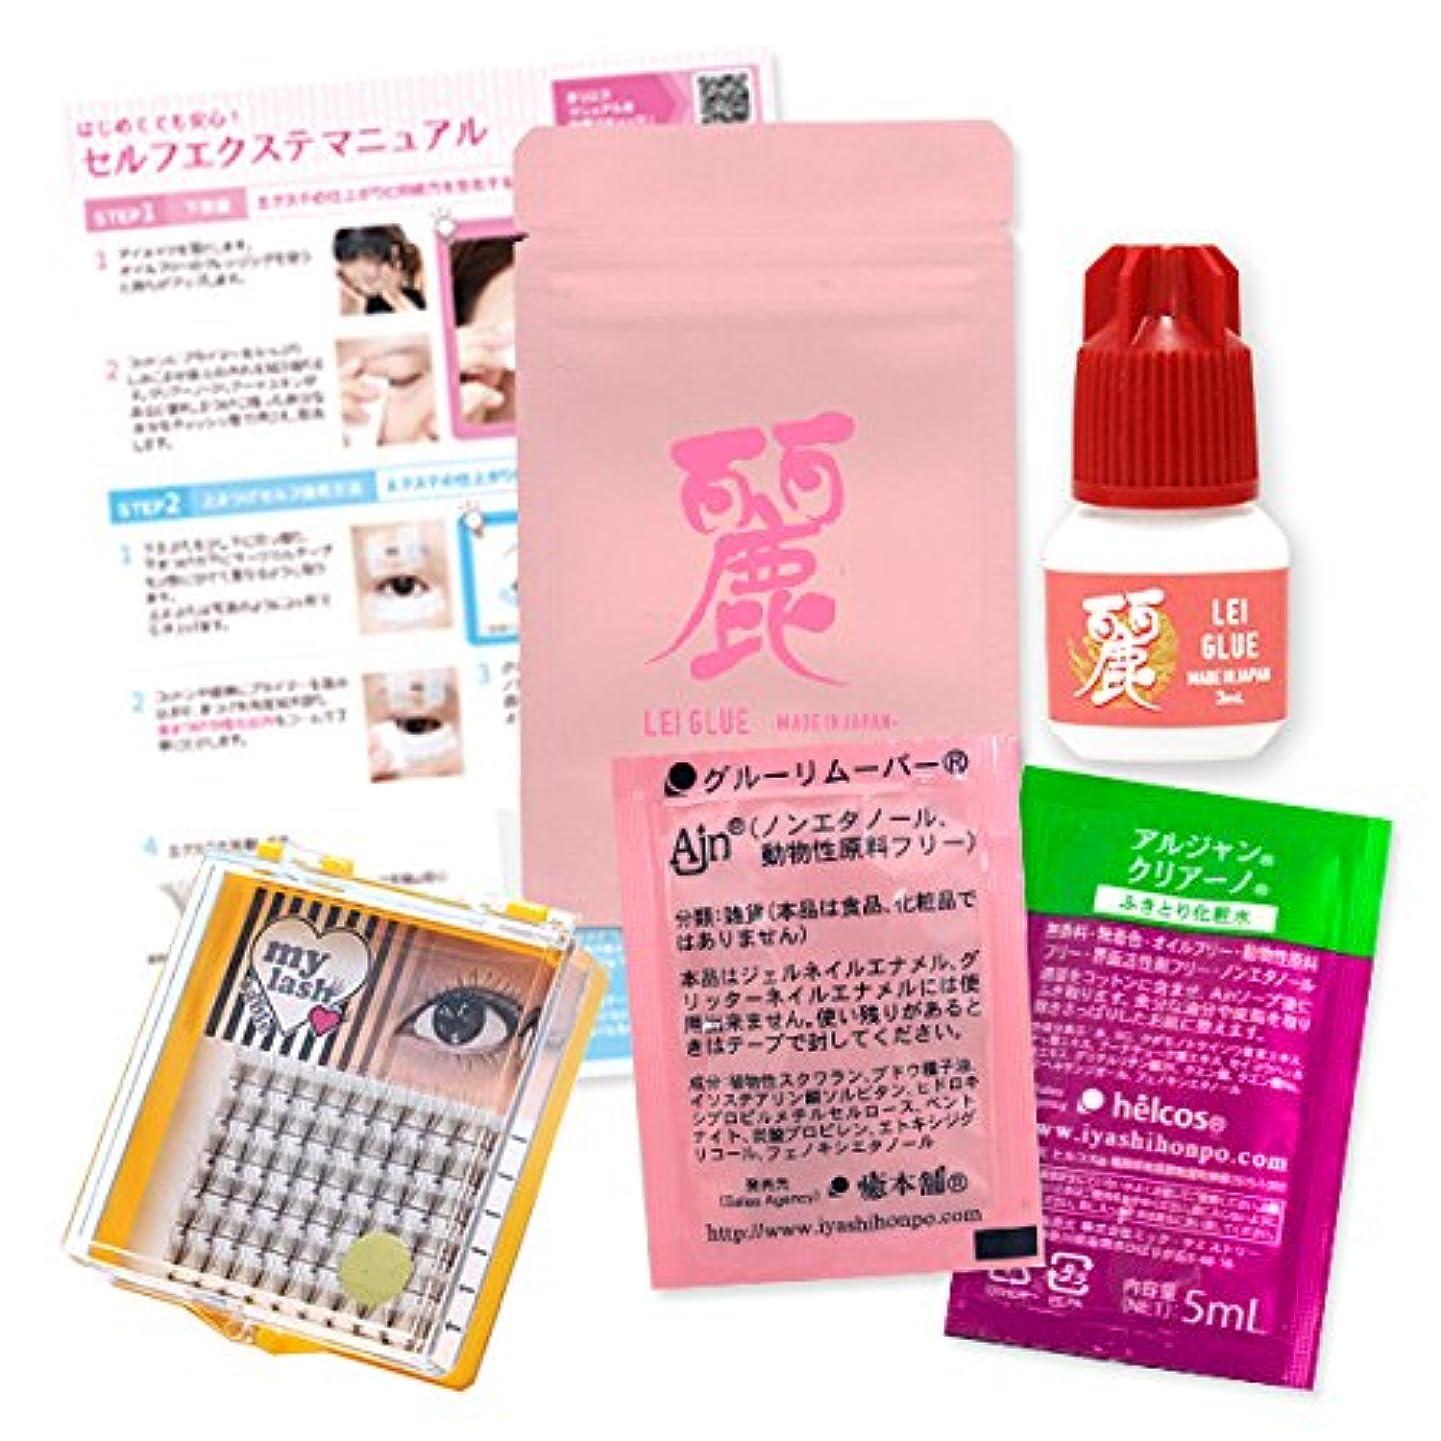 コメント発表する参加するマツエク セルフ my Lash キット 7本束(MIX)と日本製 麗グルーセット まつげエクステ